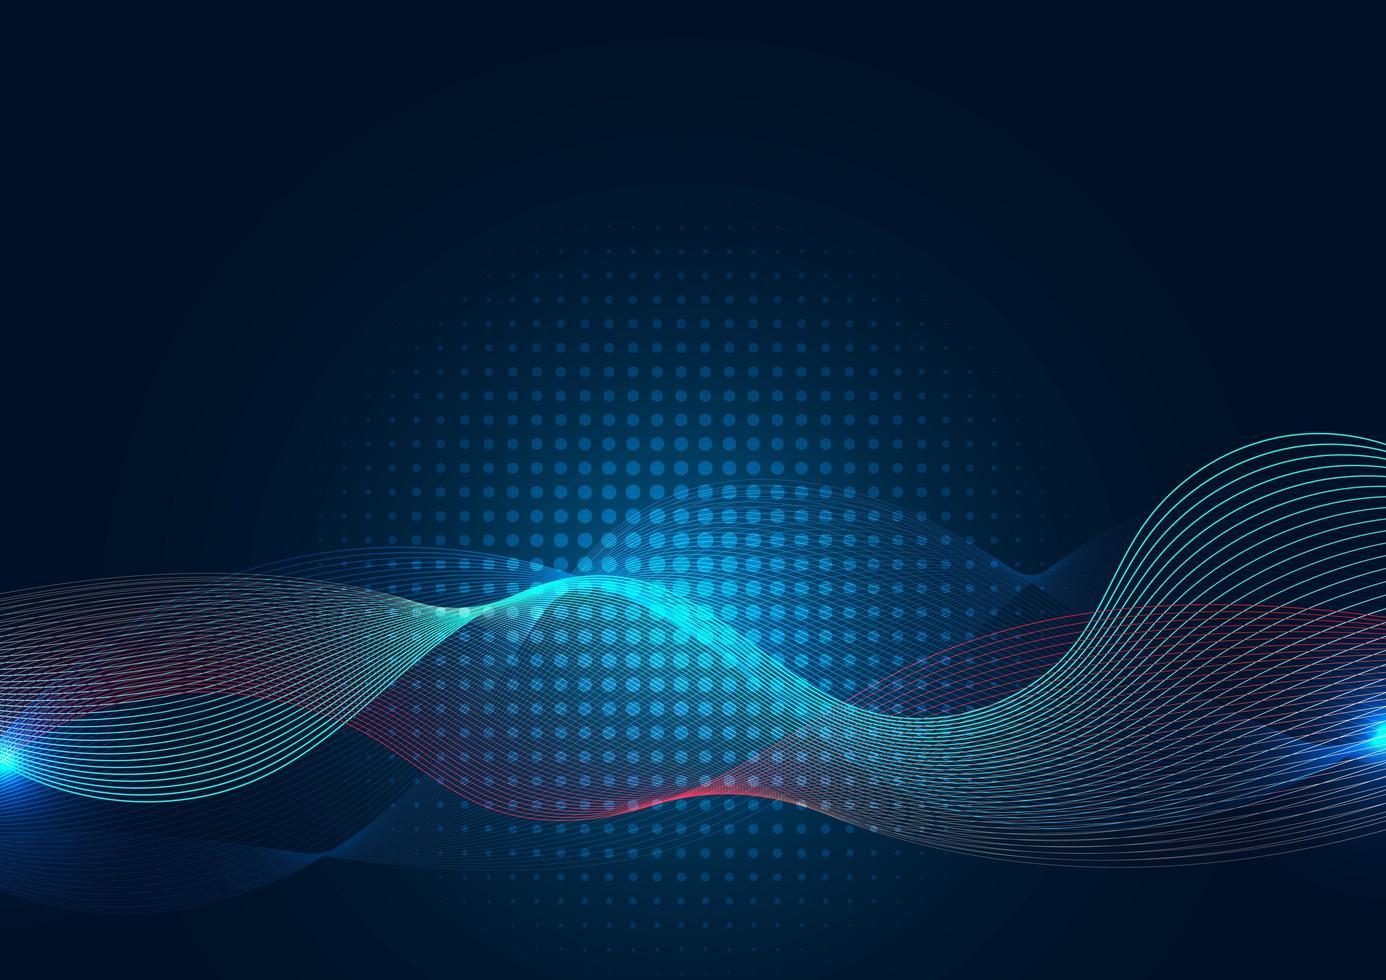 ligne de vague bleue abstraite avec demi-teinte sur fond sombre vecteur